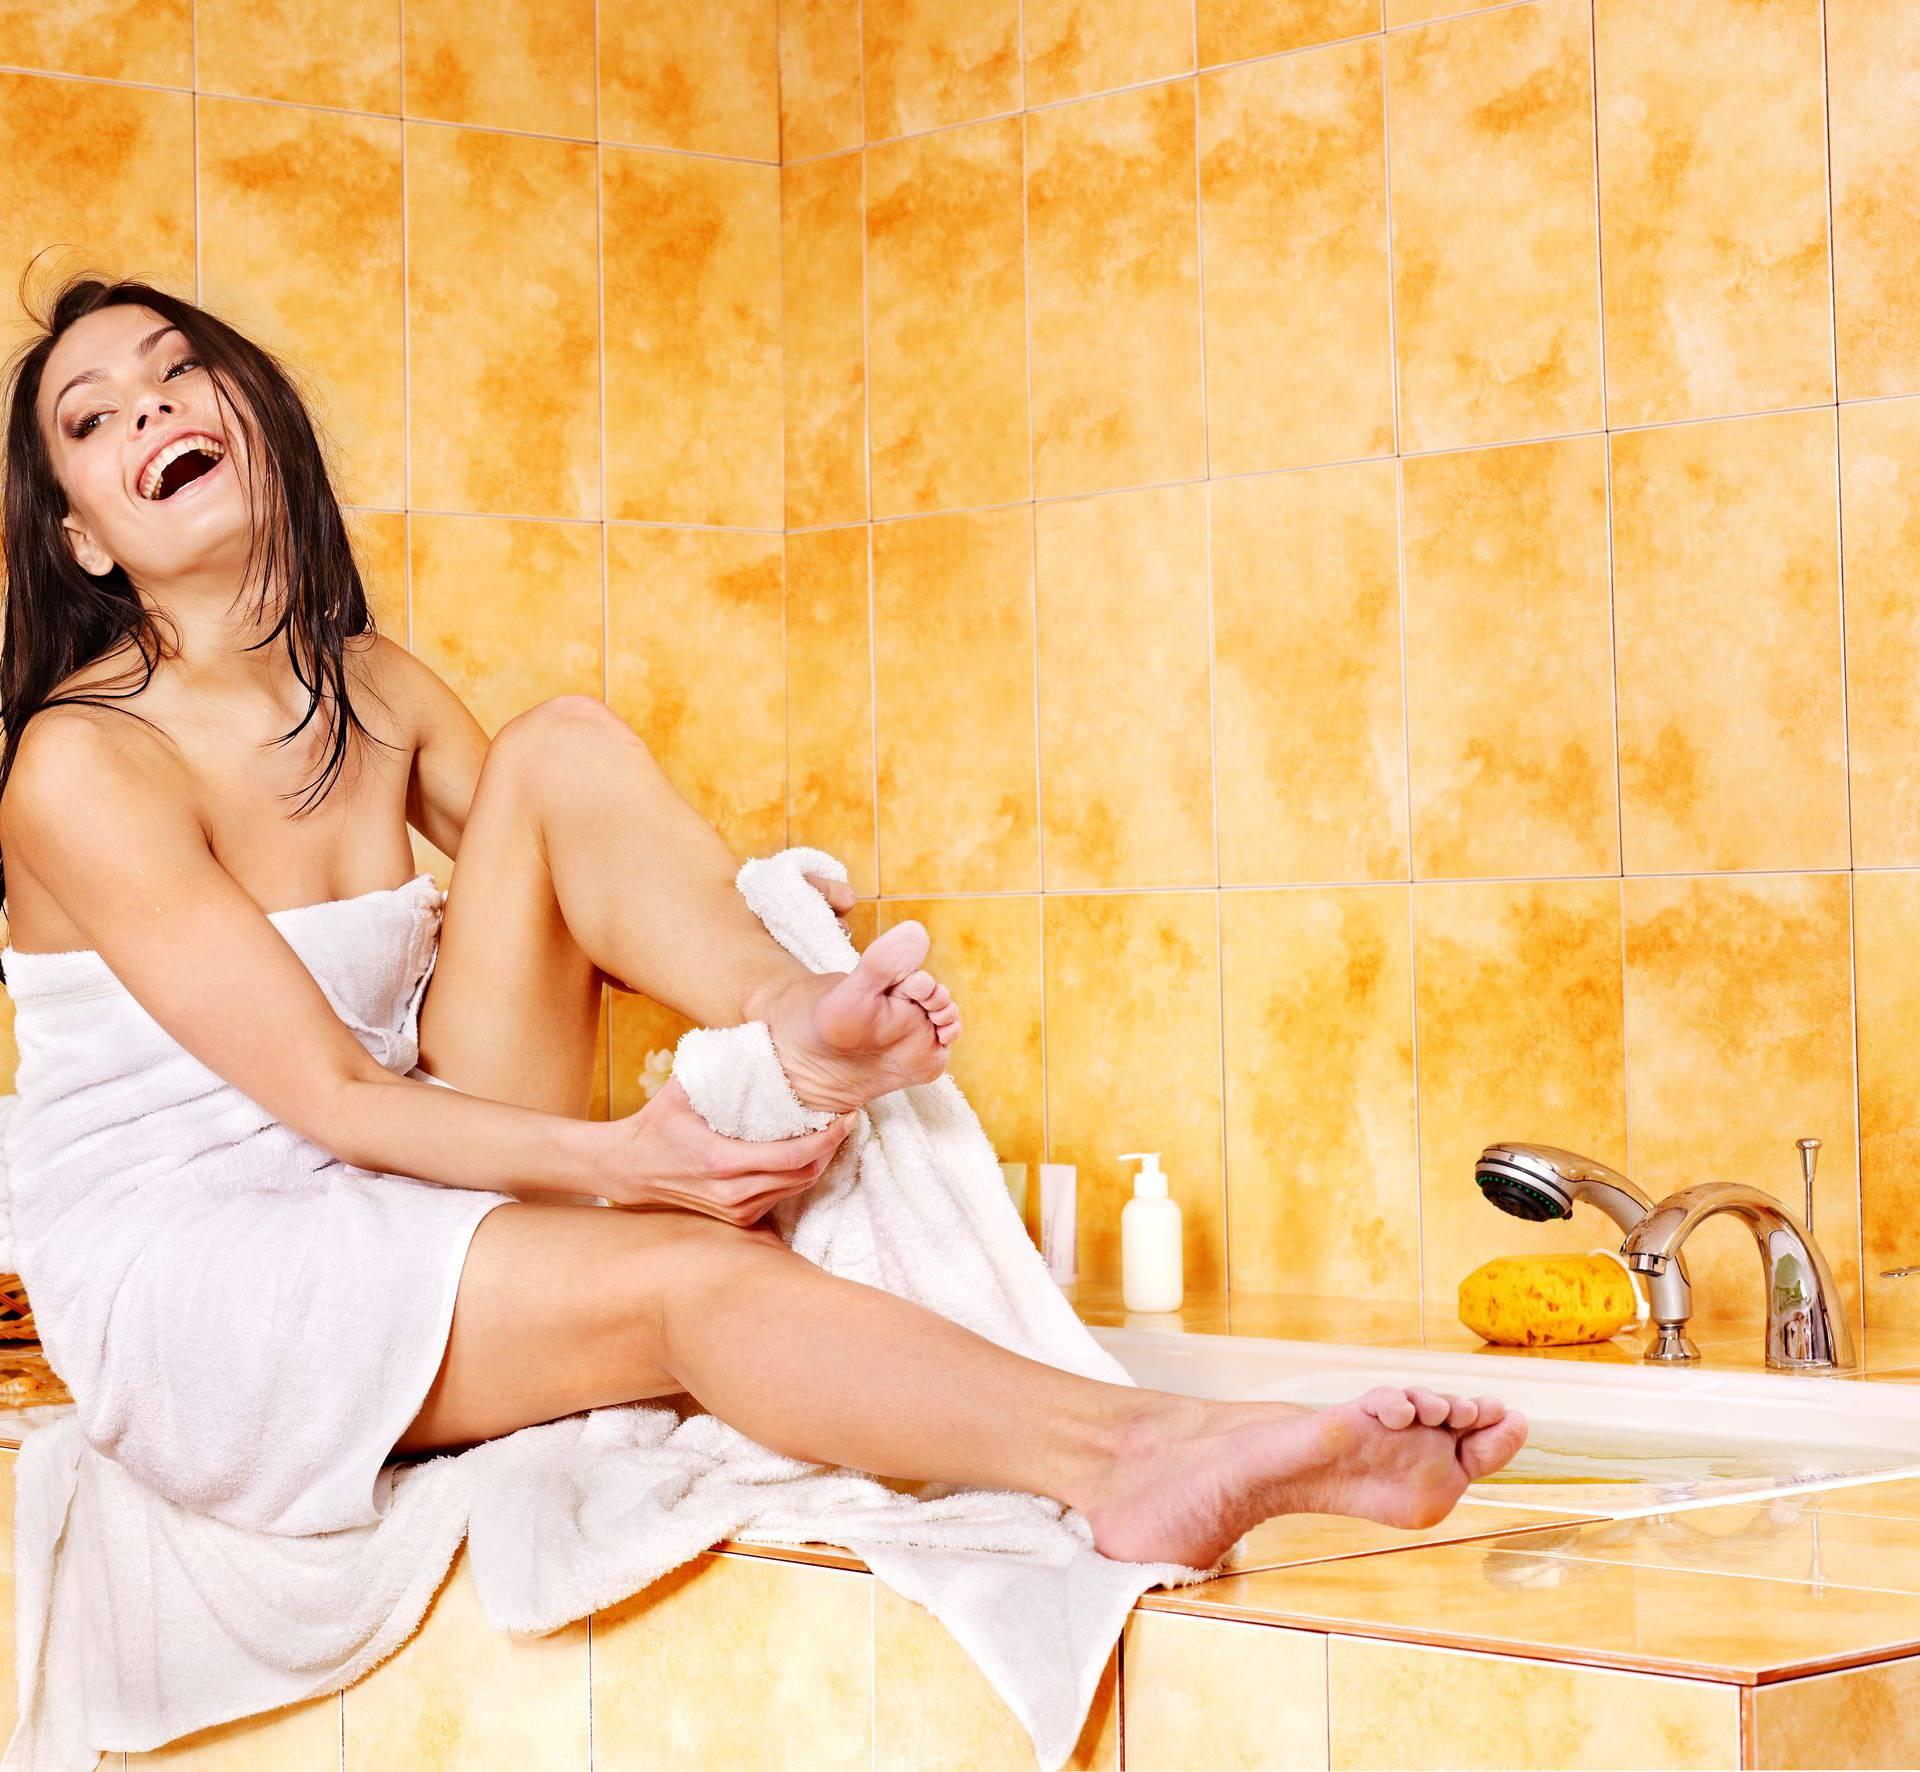 Ljekovita kupka s narančinim uljem tjera stres i njeguje kožu